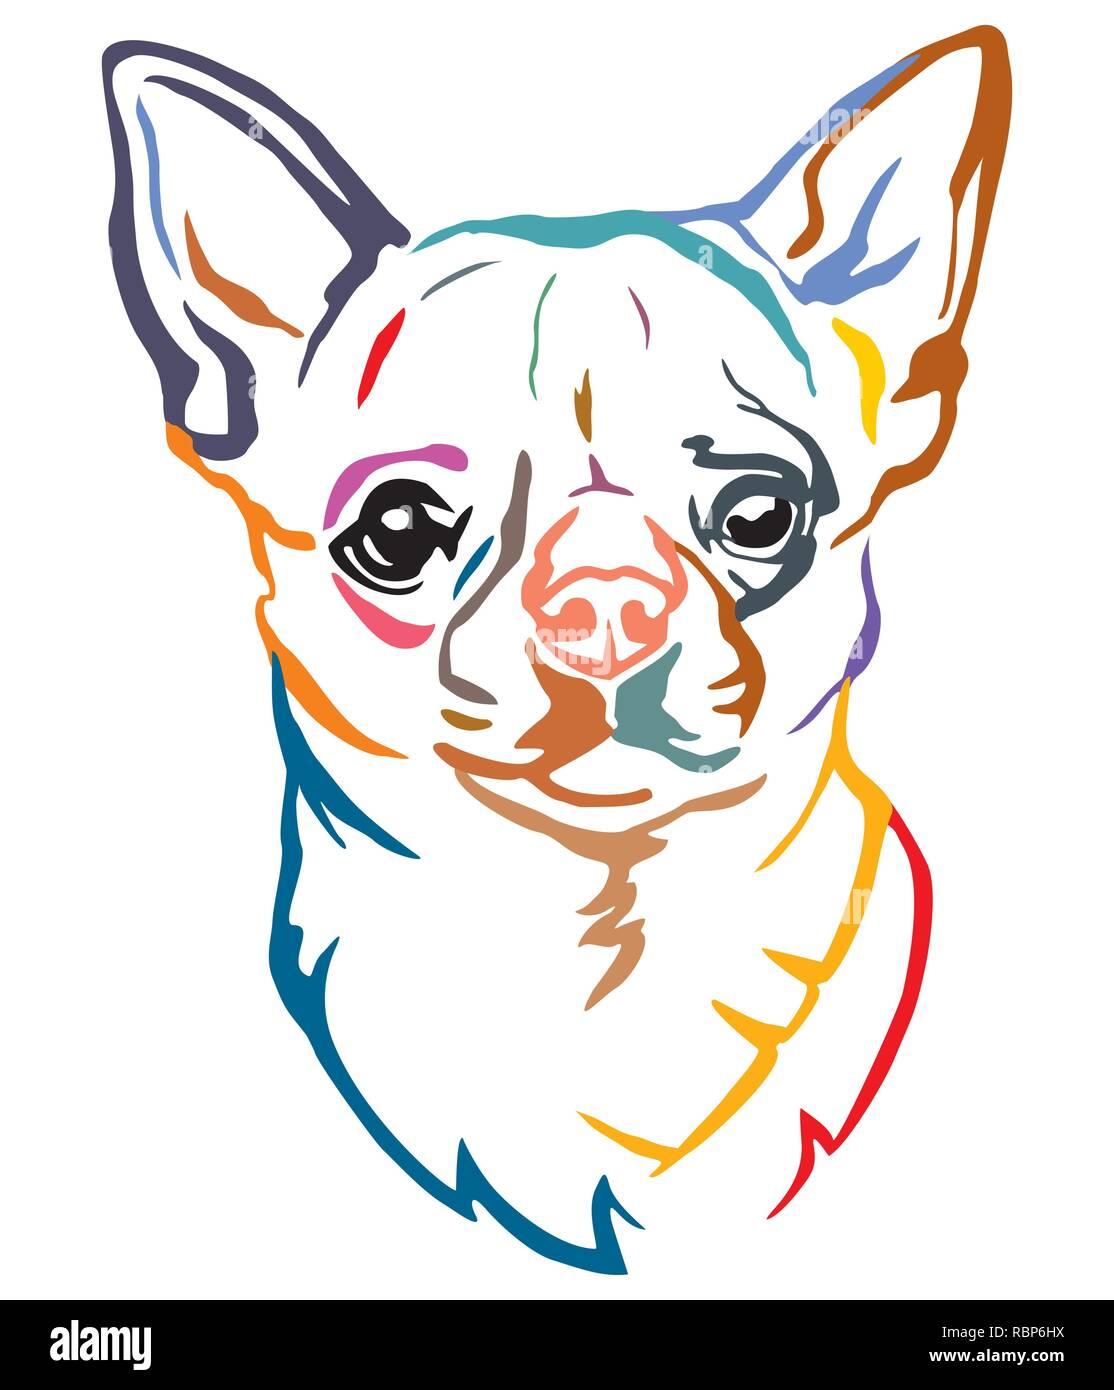 Vectores De Chihuahua Vector Imágenes De Stock Vectores De